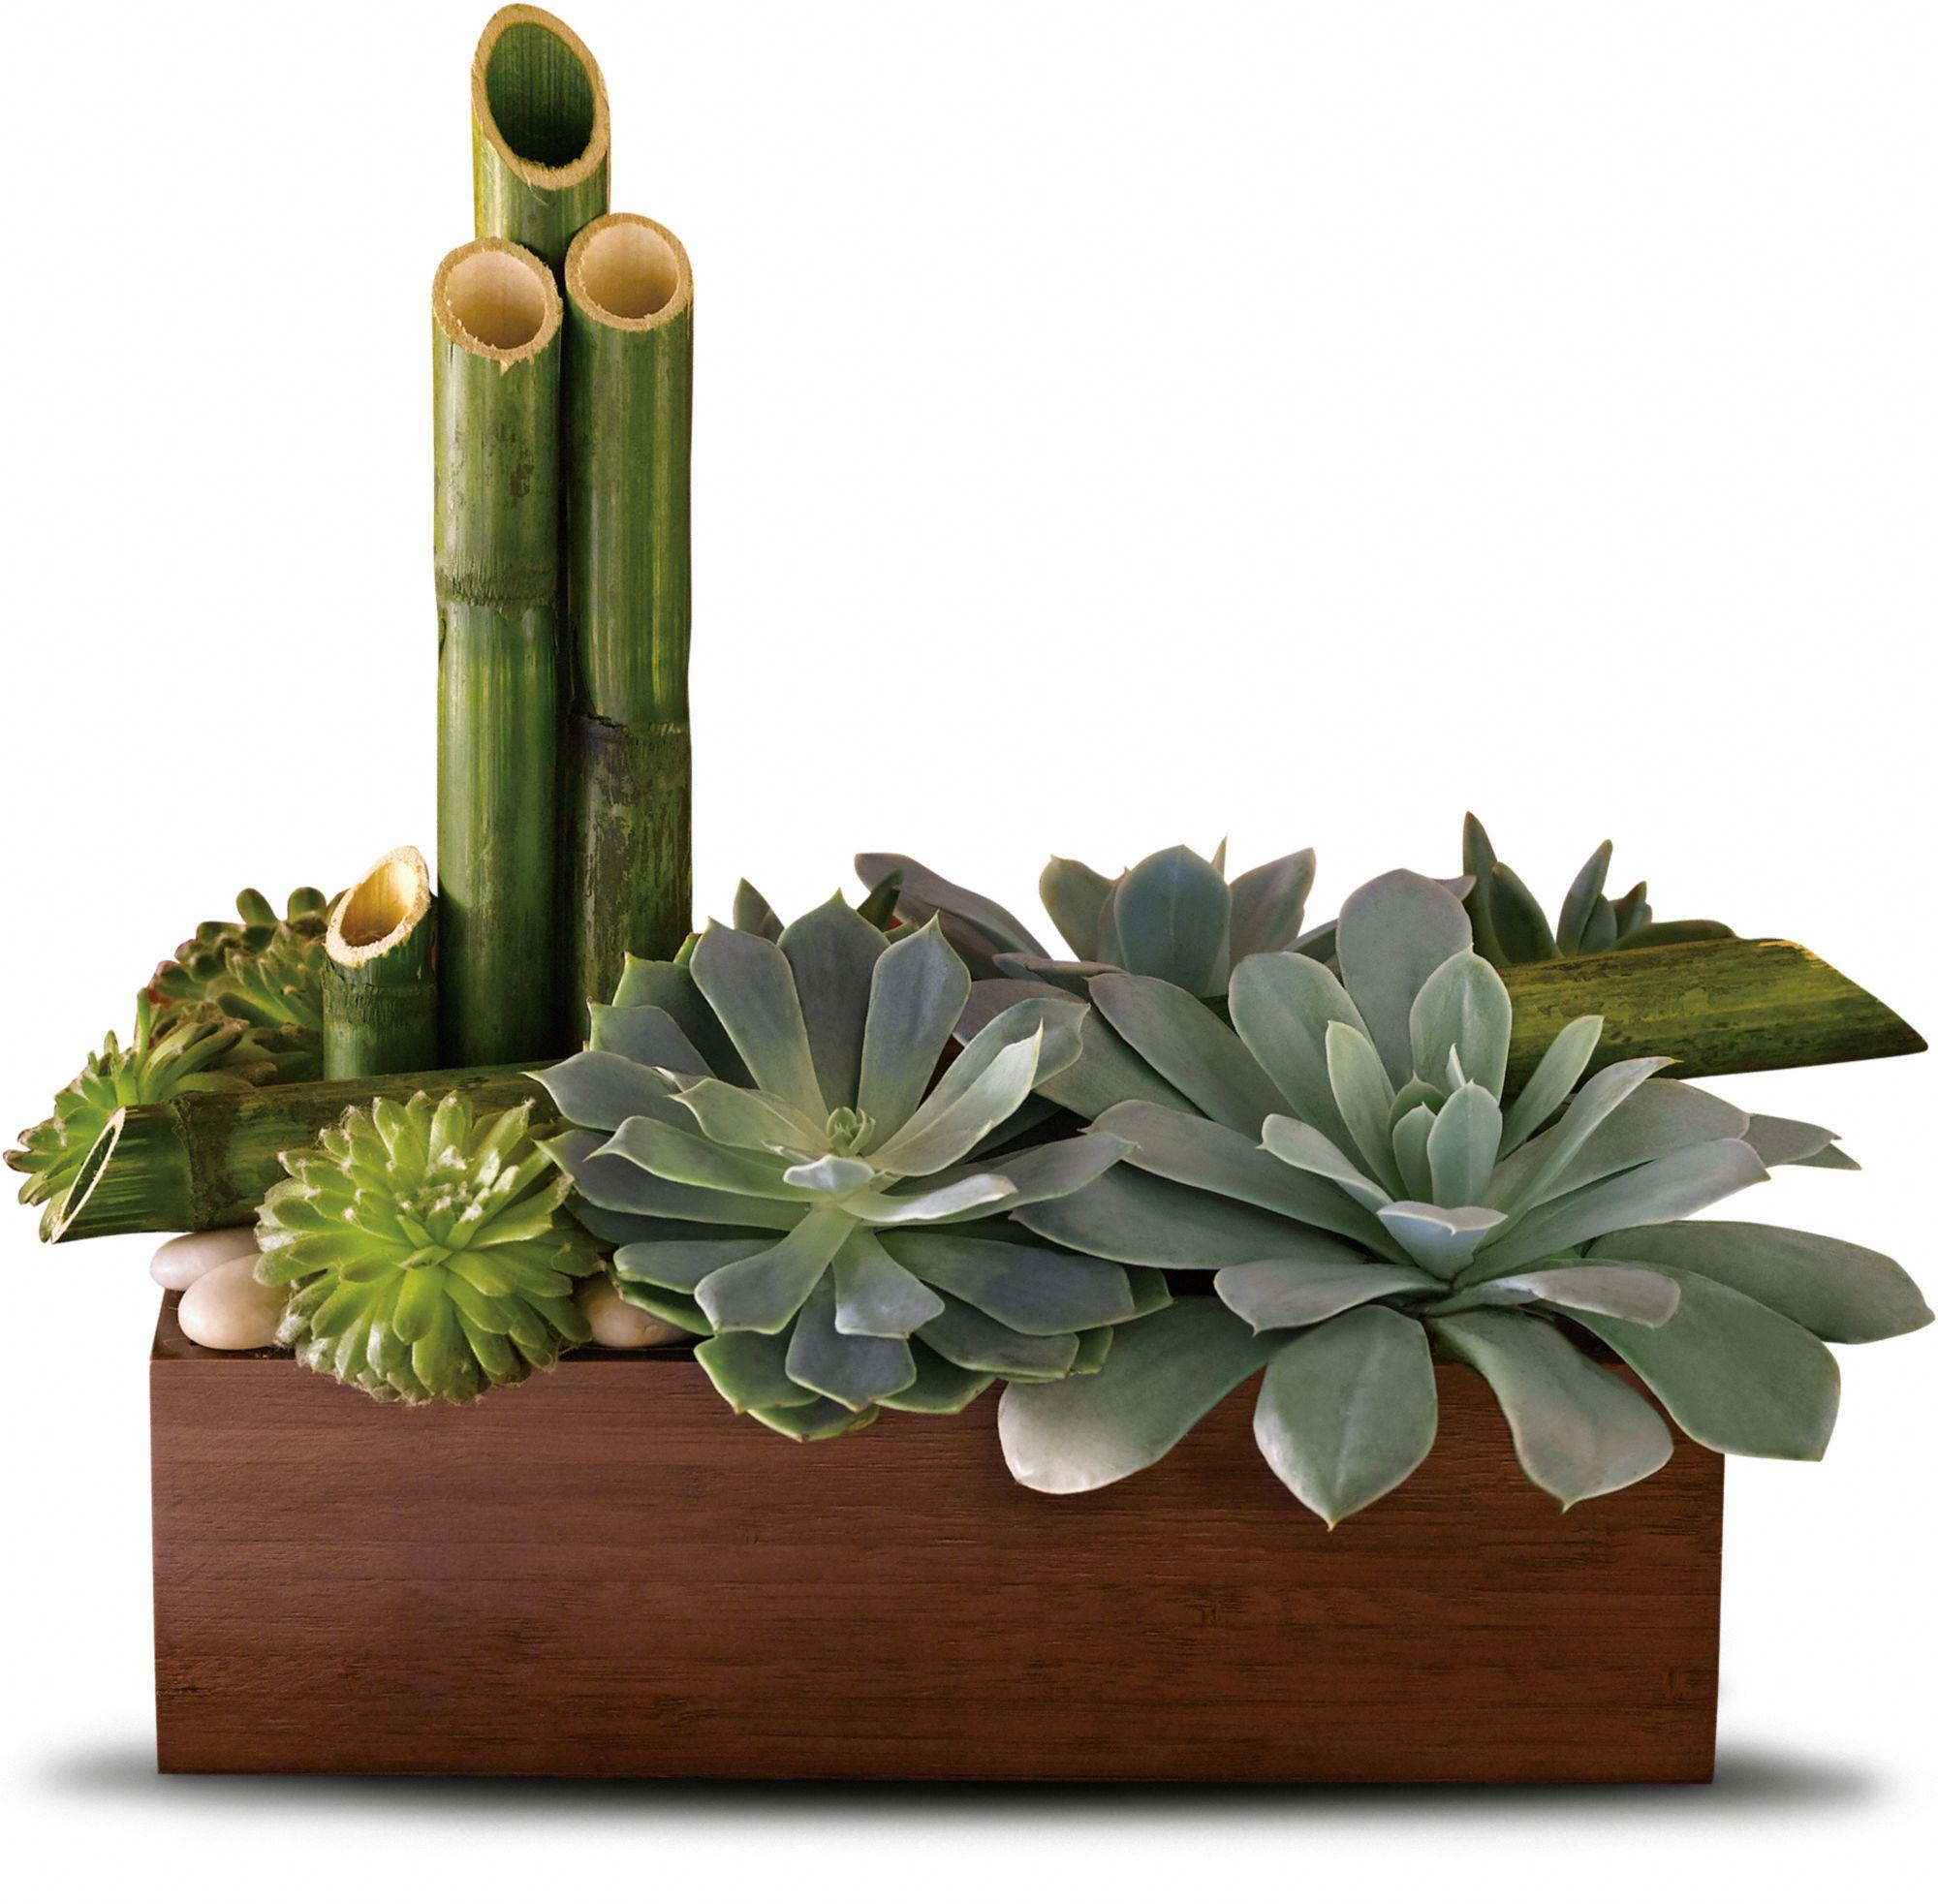 Peaceful Zen Garden succulents in bamboo container